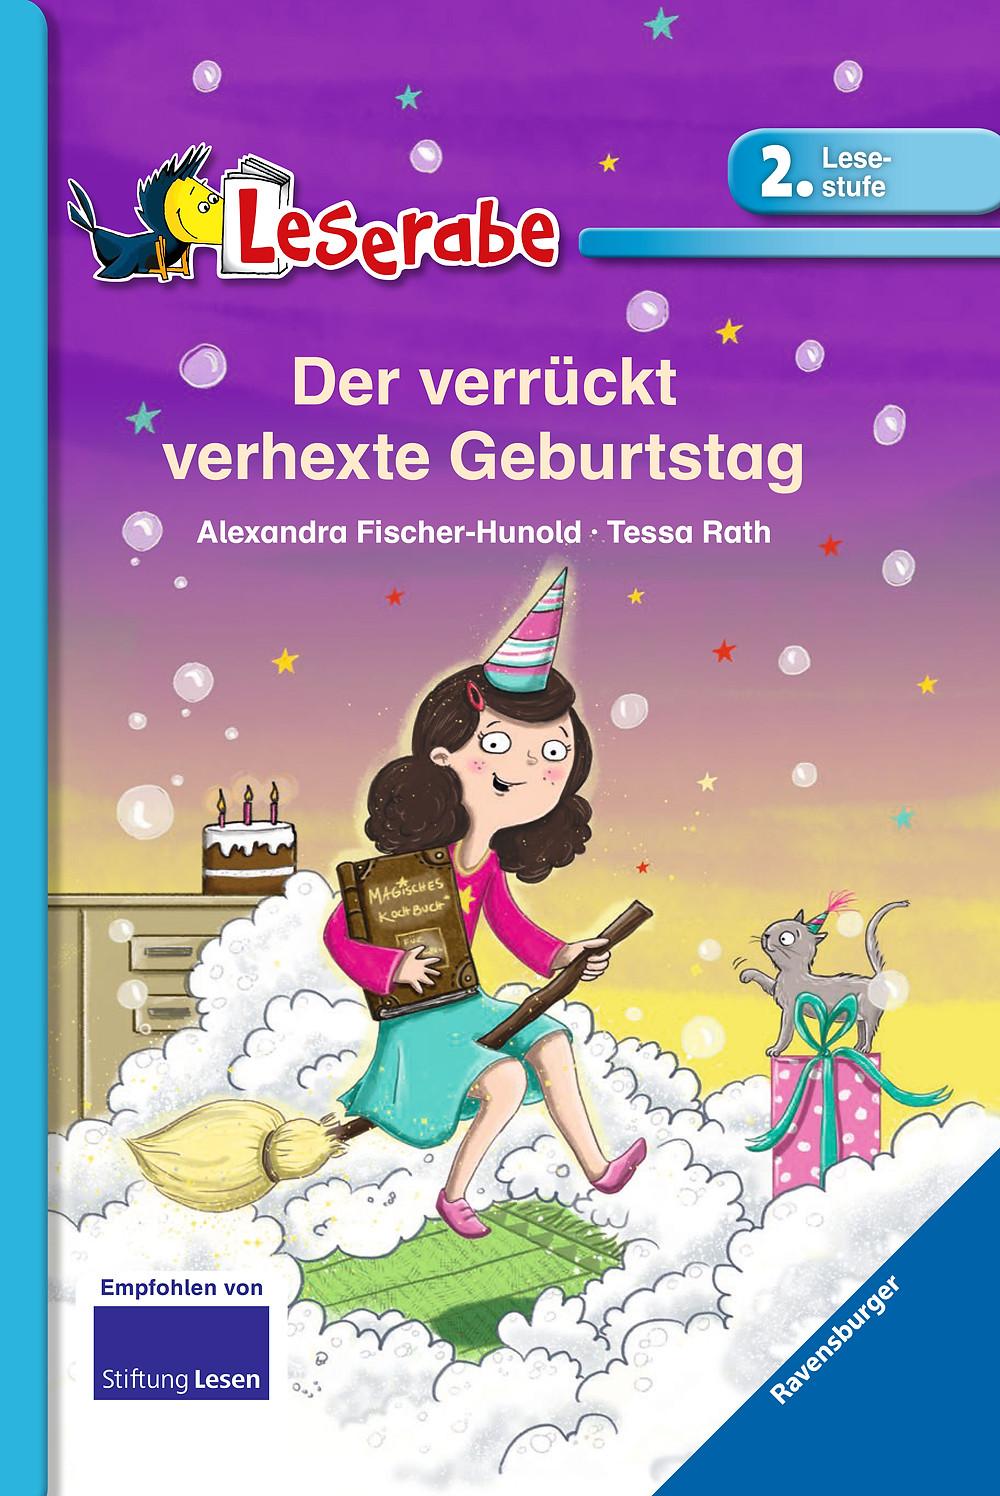 """Ravensburger Buchverlag: Leserabe """"Der verrückt verhexte Geburtstag"""" von Alexandra Fischer- Hunold und Tessa Rath"""